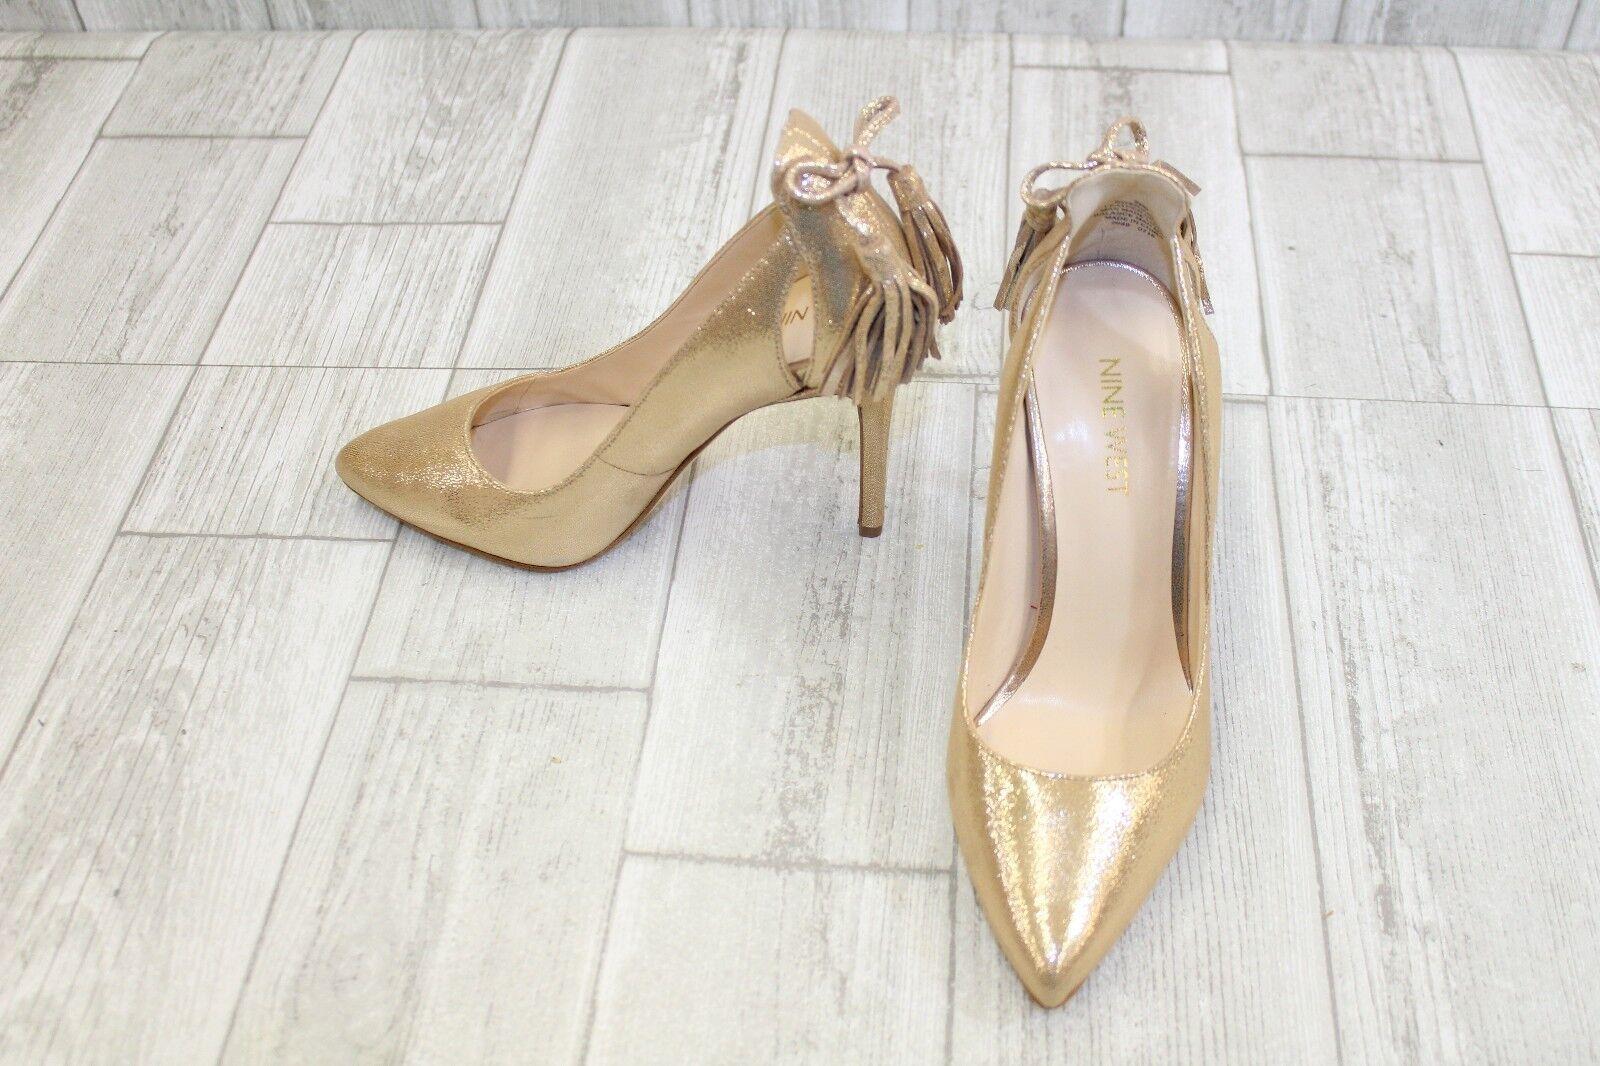 Nine West Erienne Heels - Women's Size 5.5M, Gold